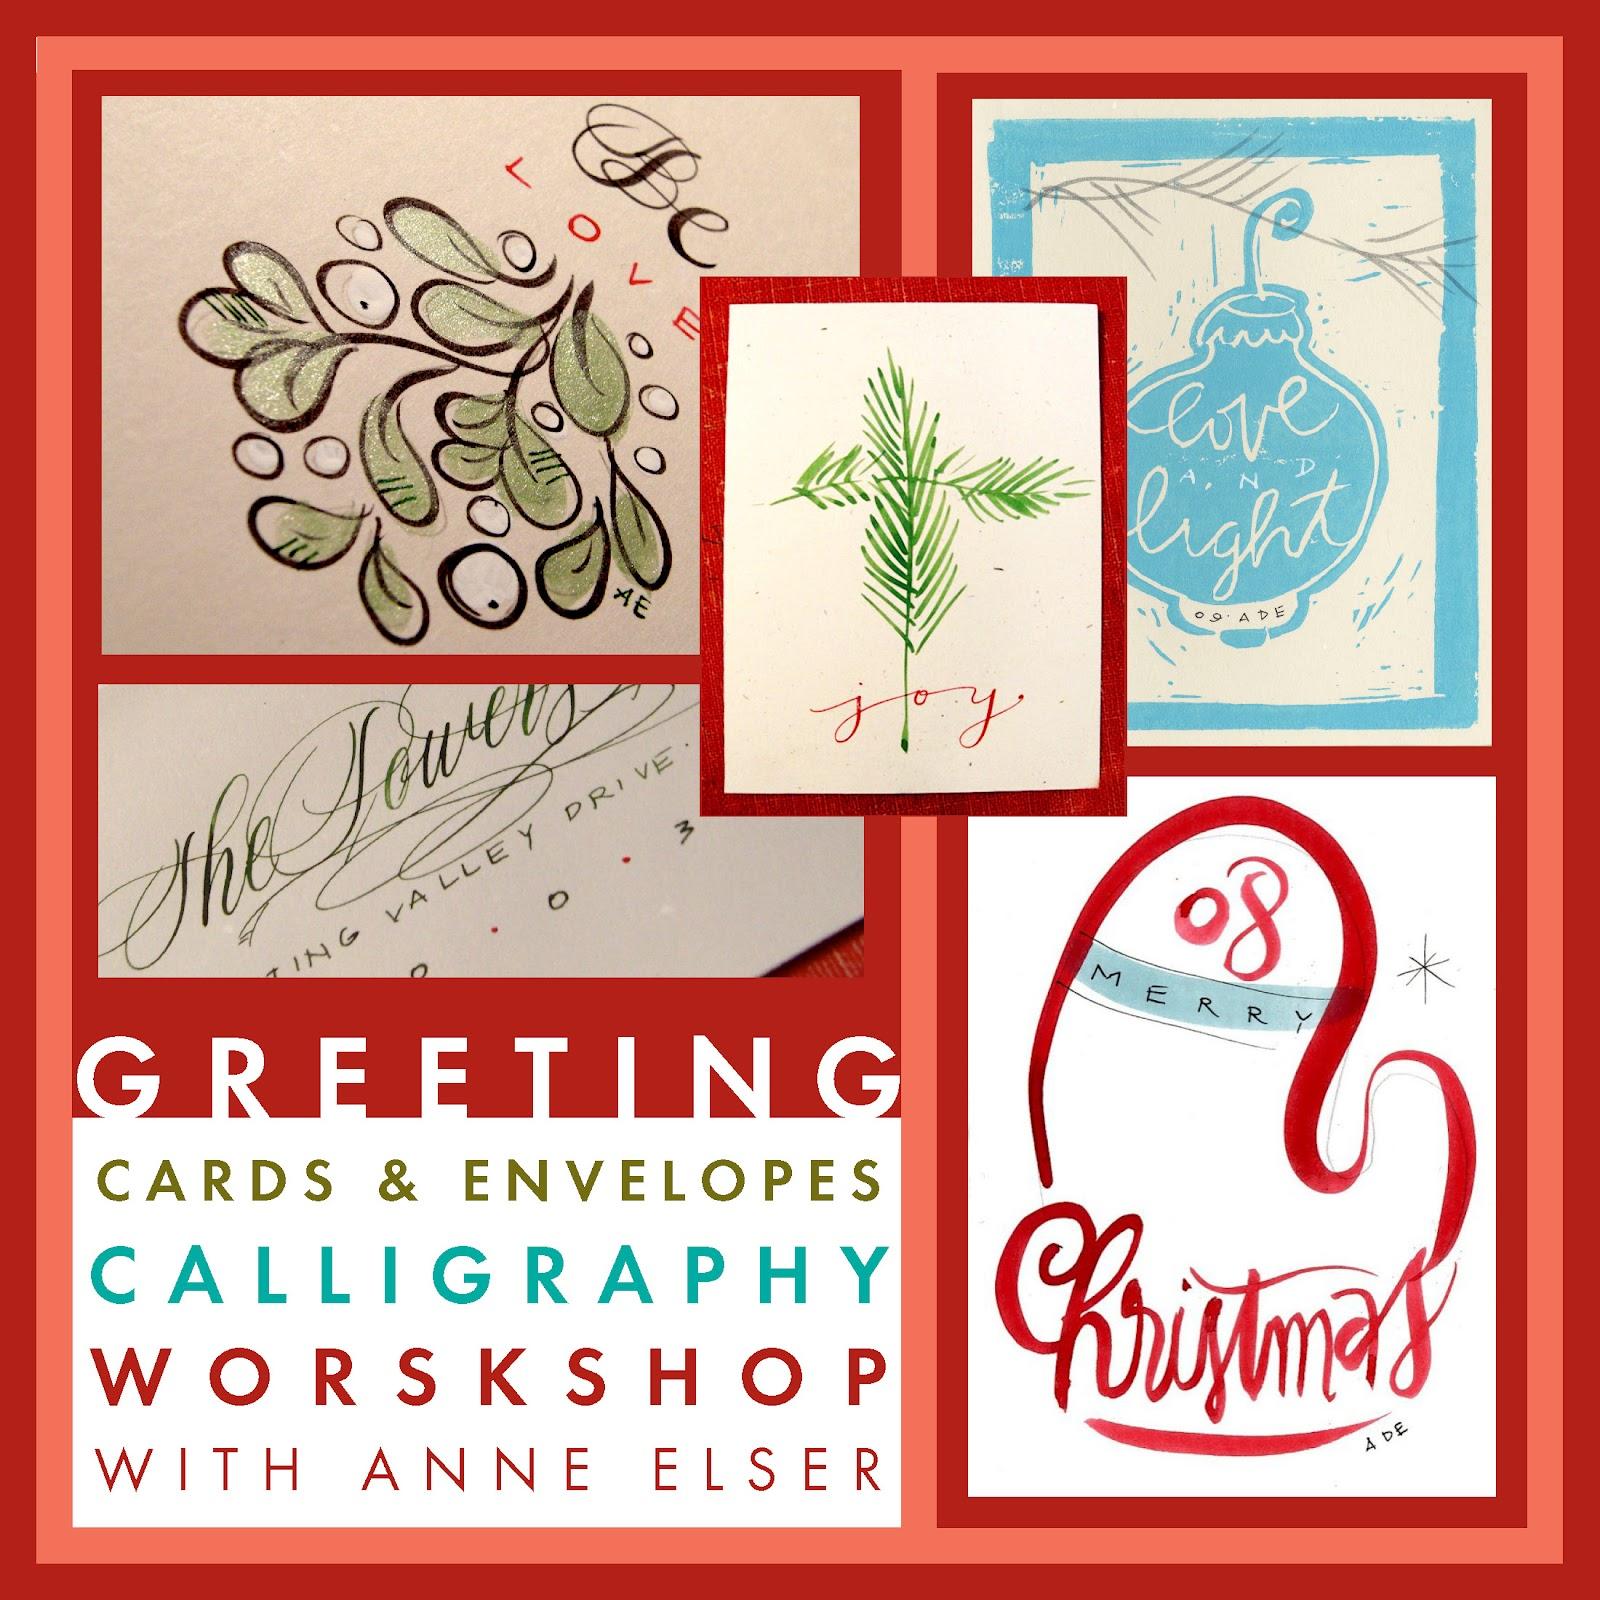 Anne elser greeting cards envelopes calligraphy